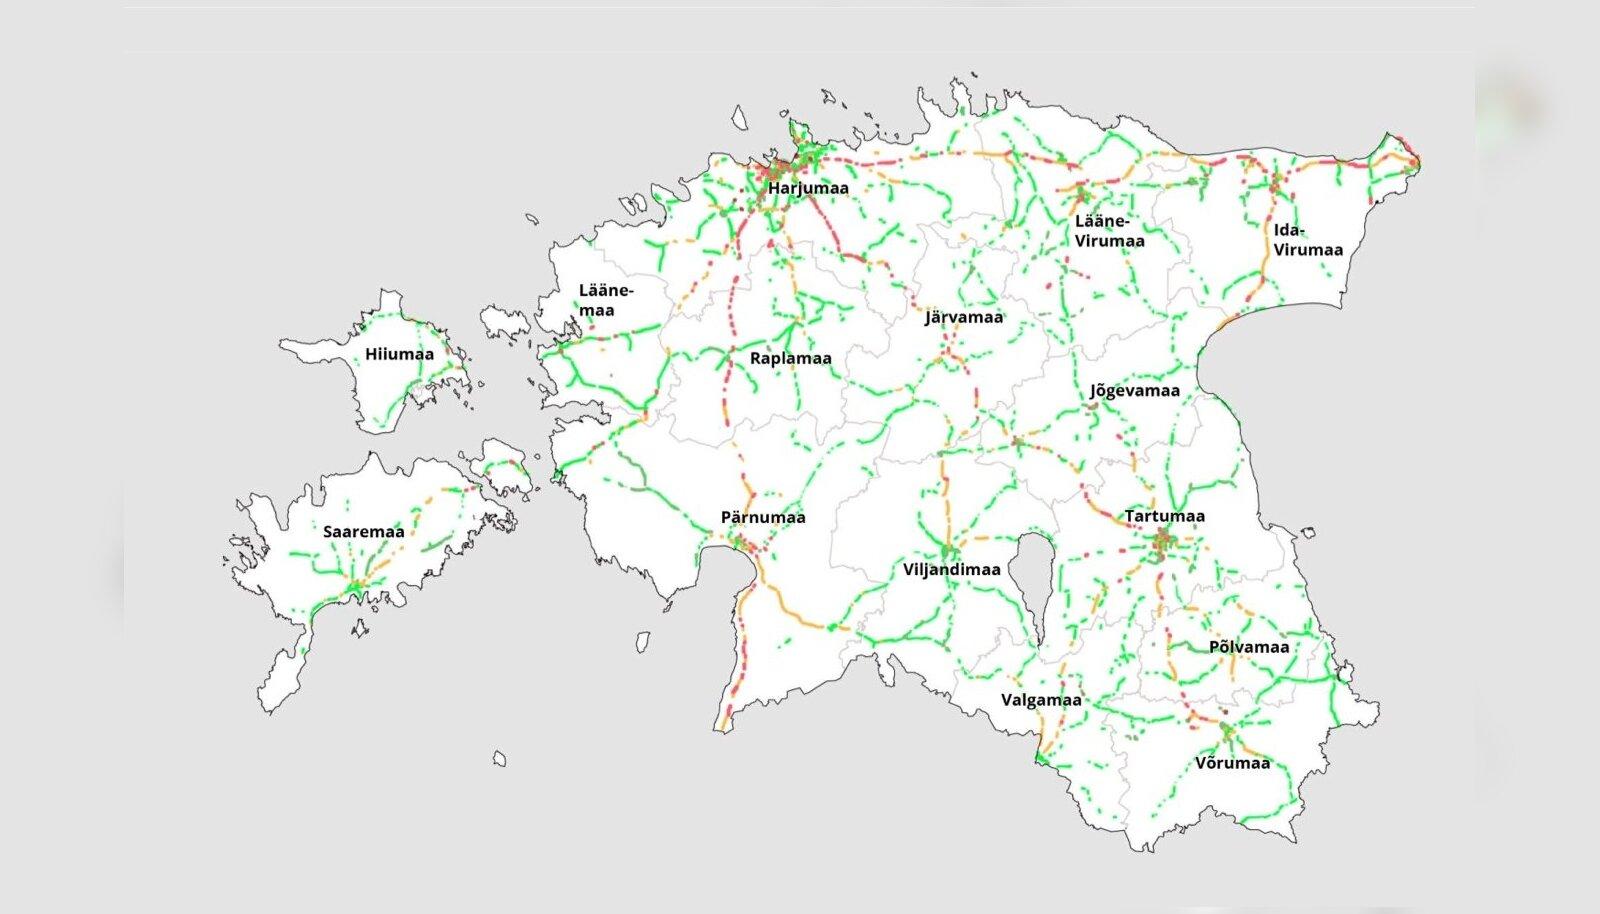 Tohutu liiklusrikkumiste andmebaas näitab, et politsei on mõned Eesti teed unustanud